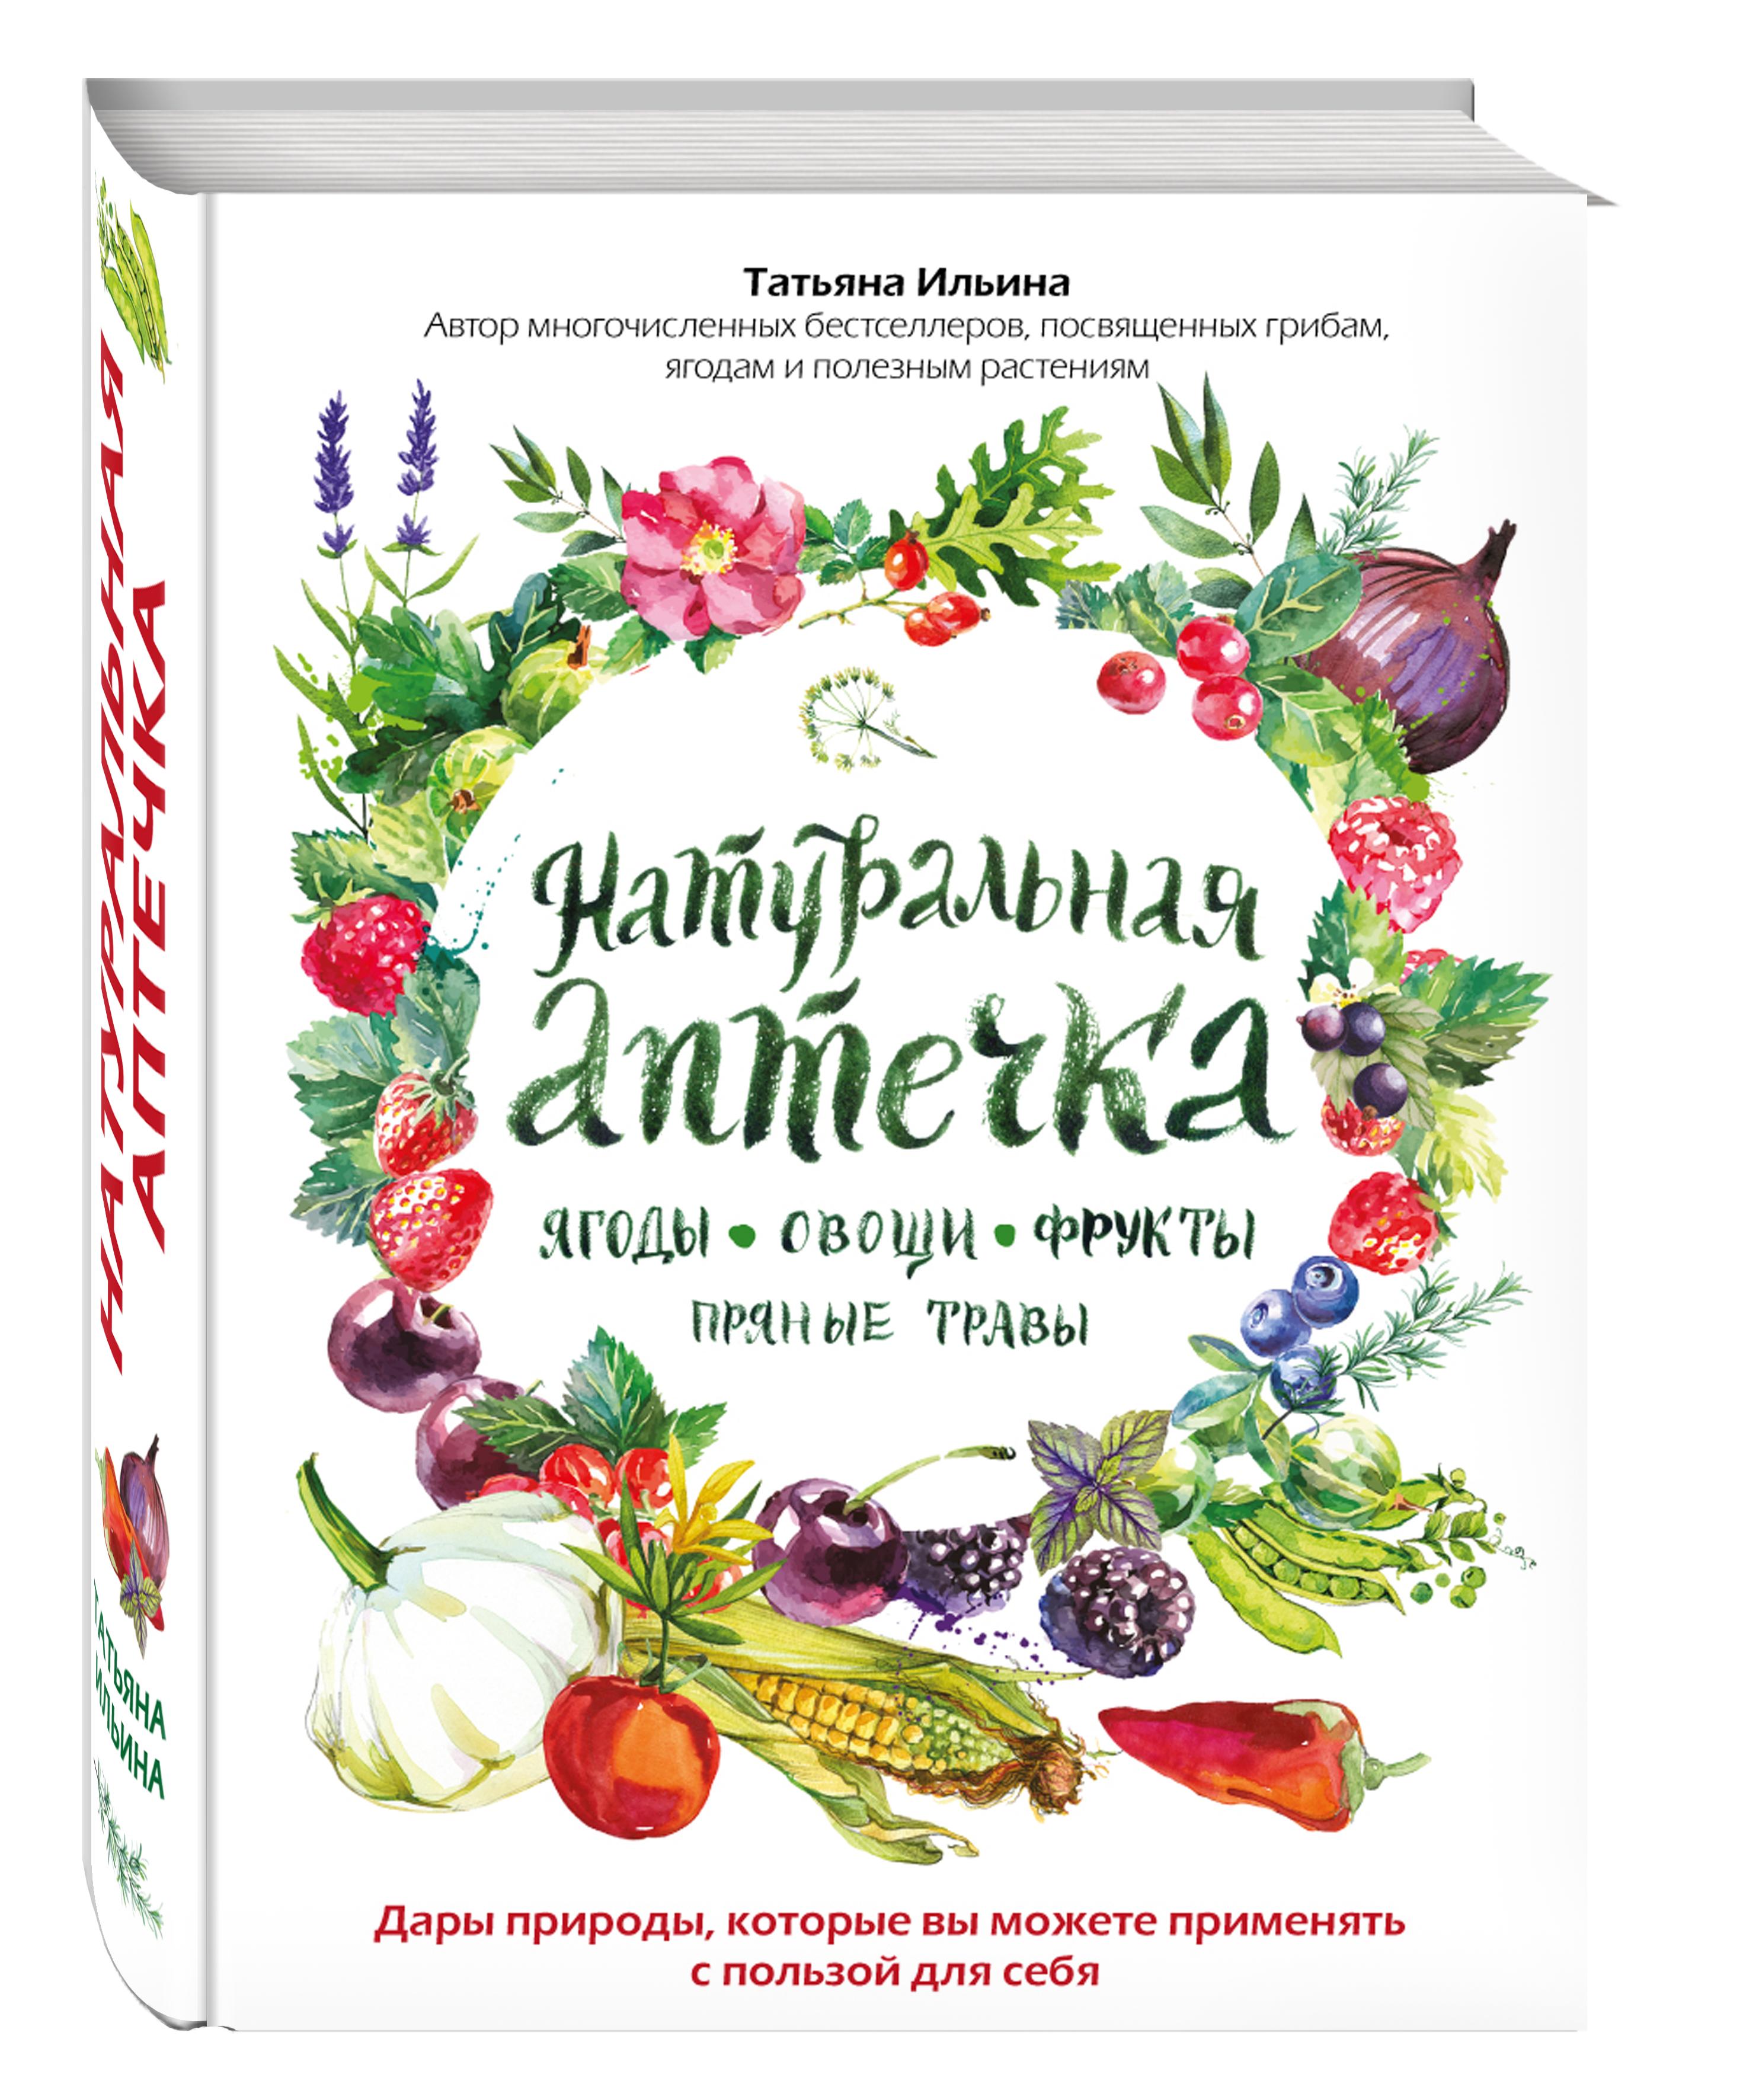 Натуральная аптечка. Ягоды, овощи, фрукты, пряные травы